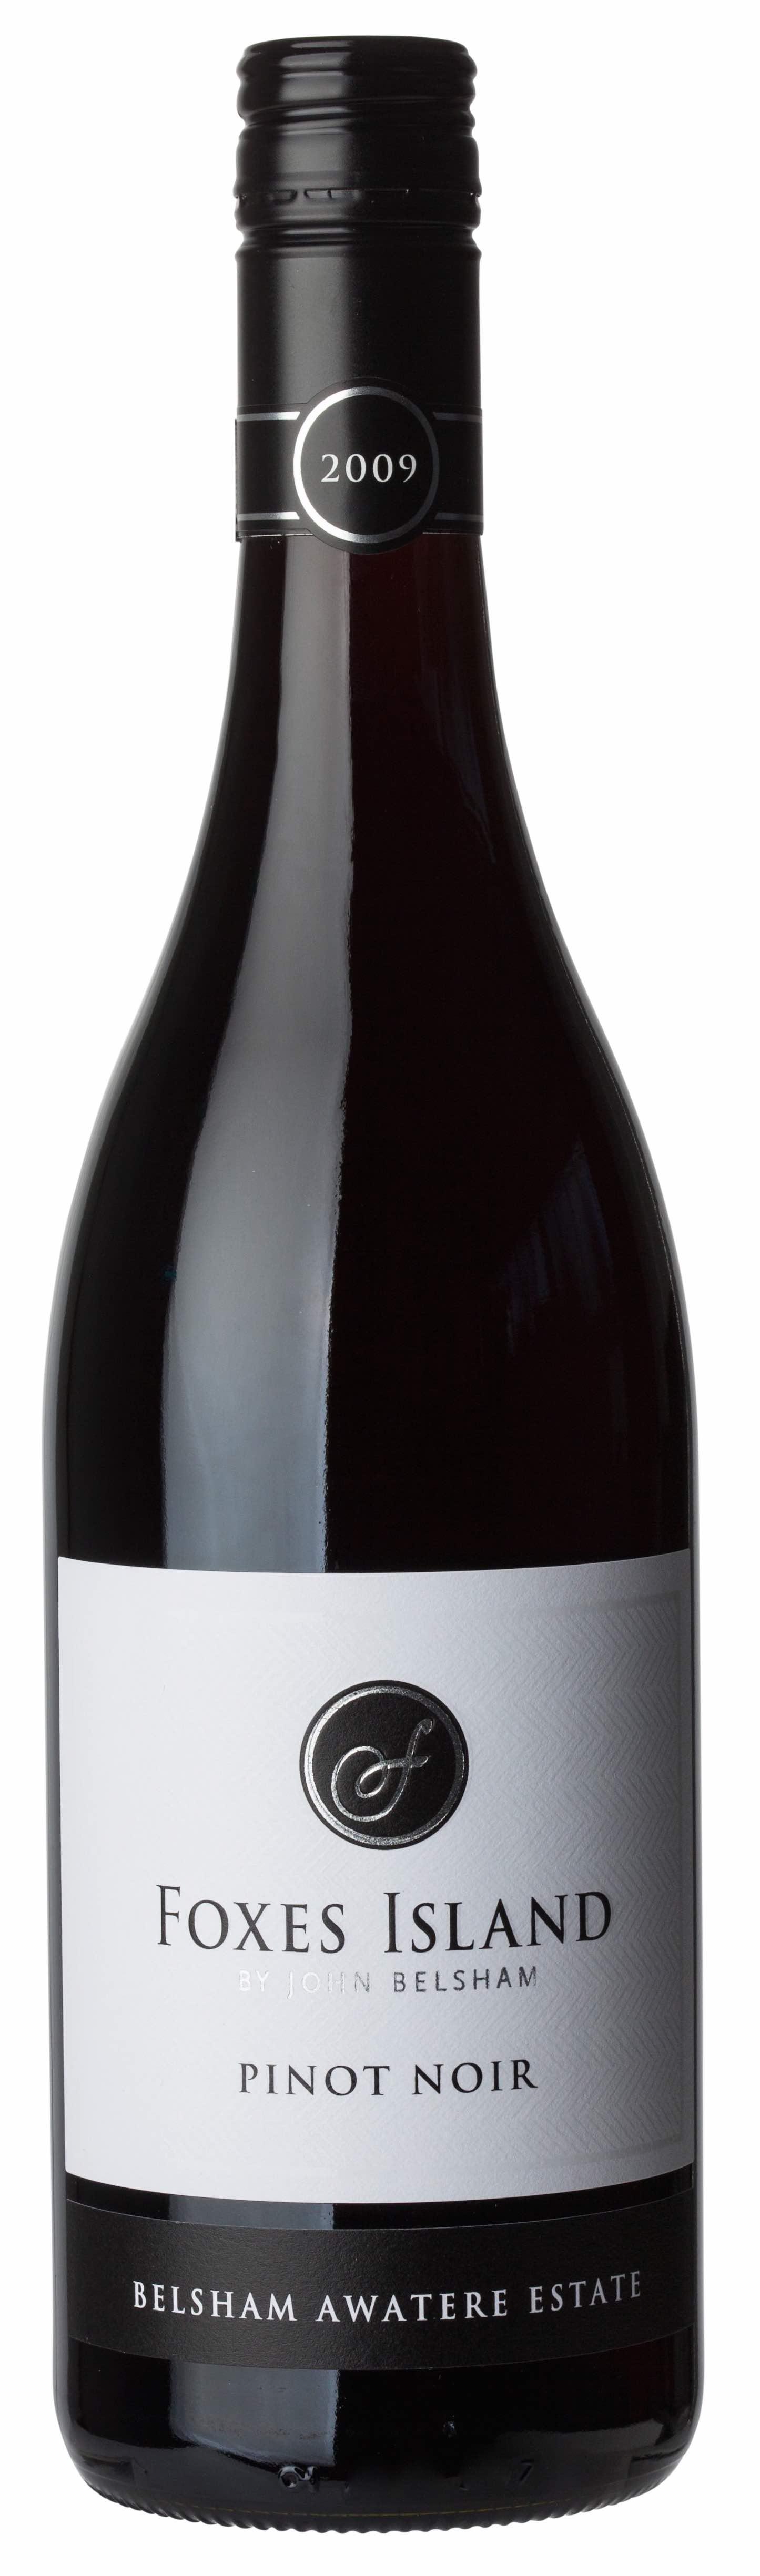 Foxes Island Pinot Noir 2009